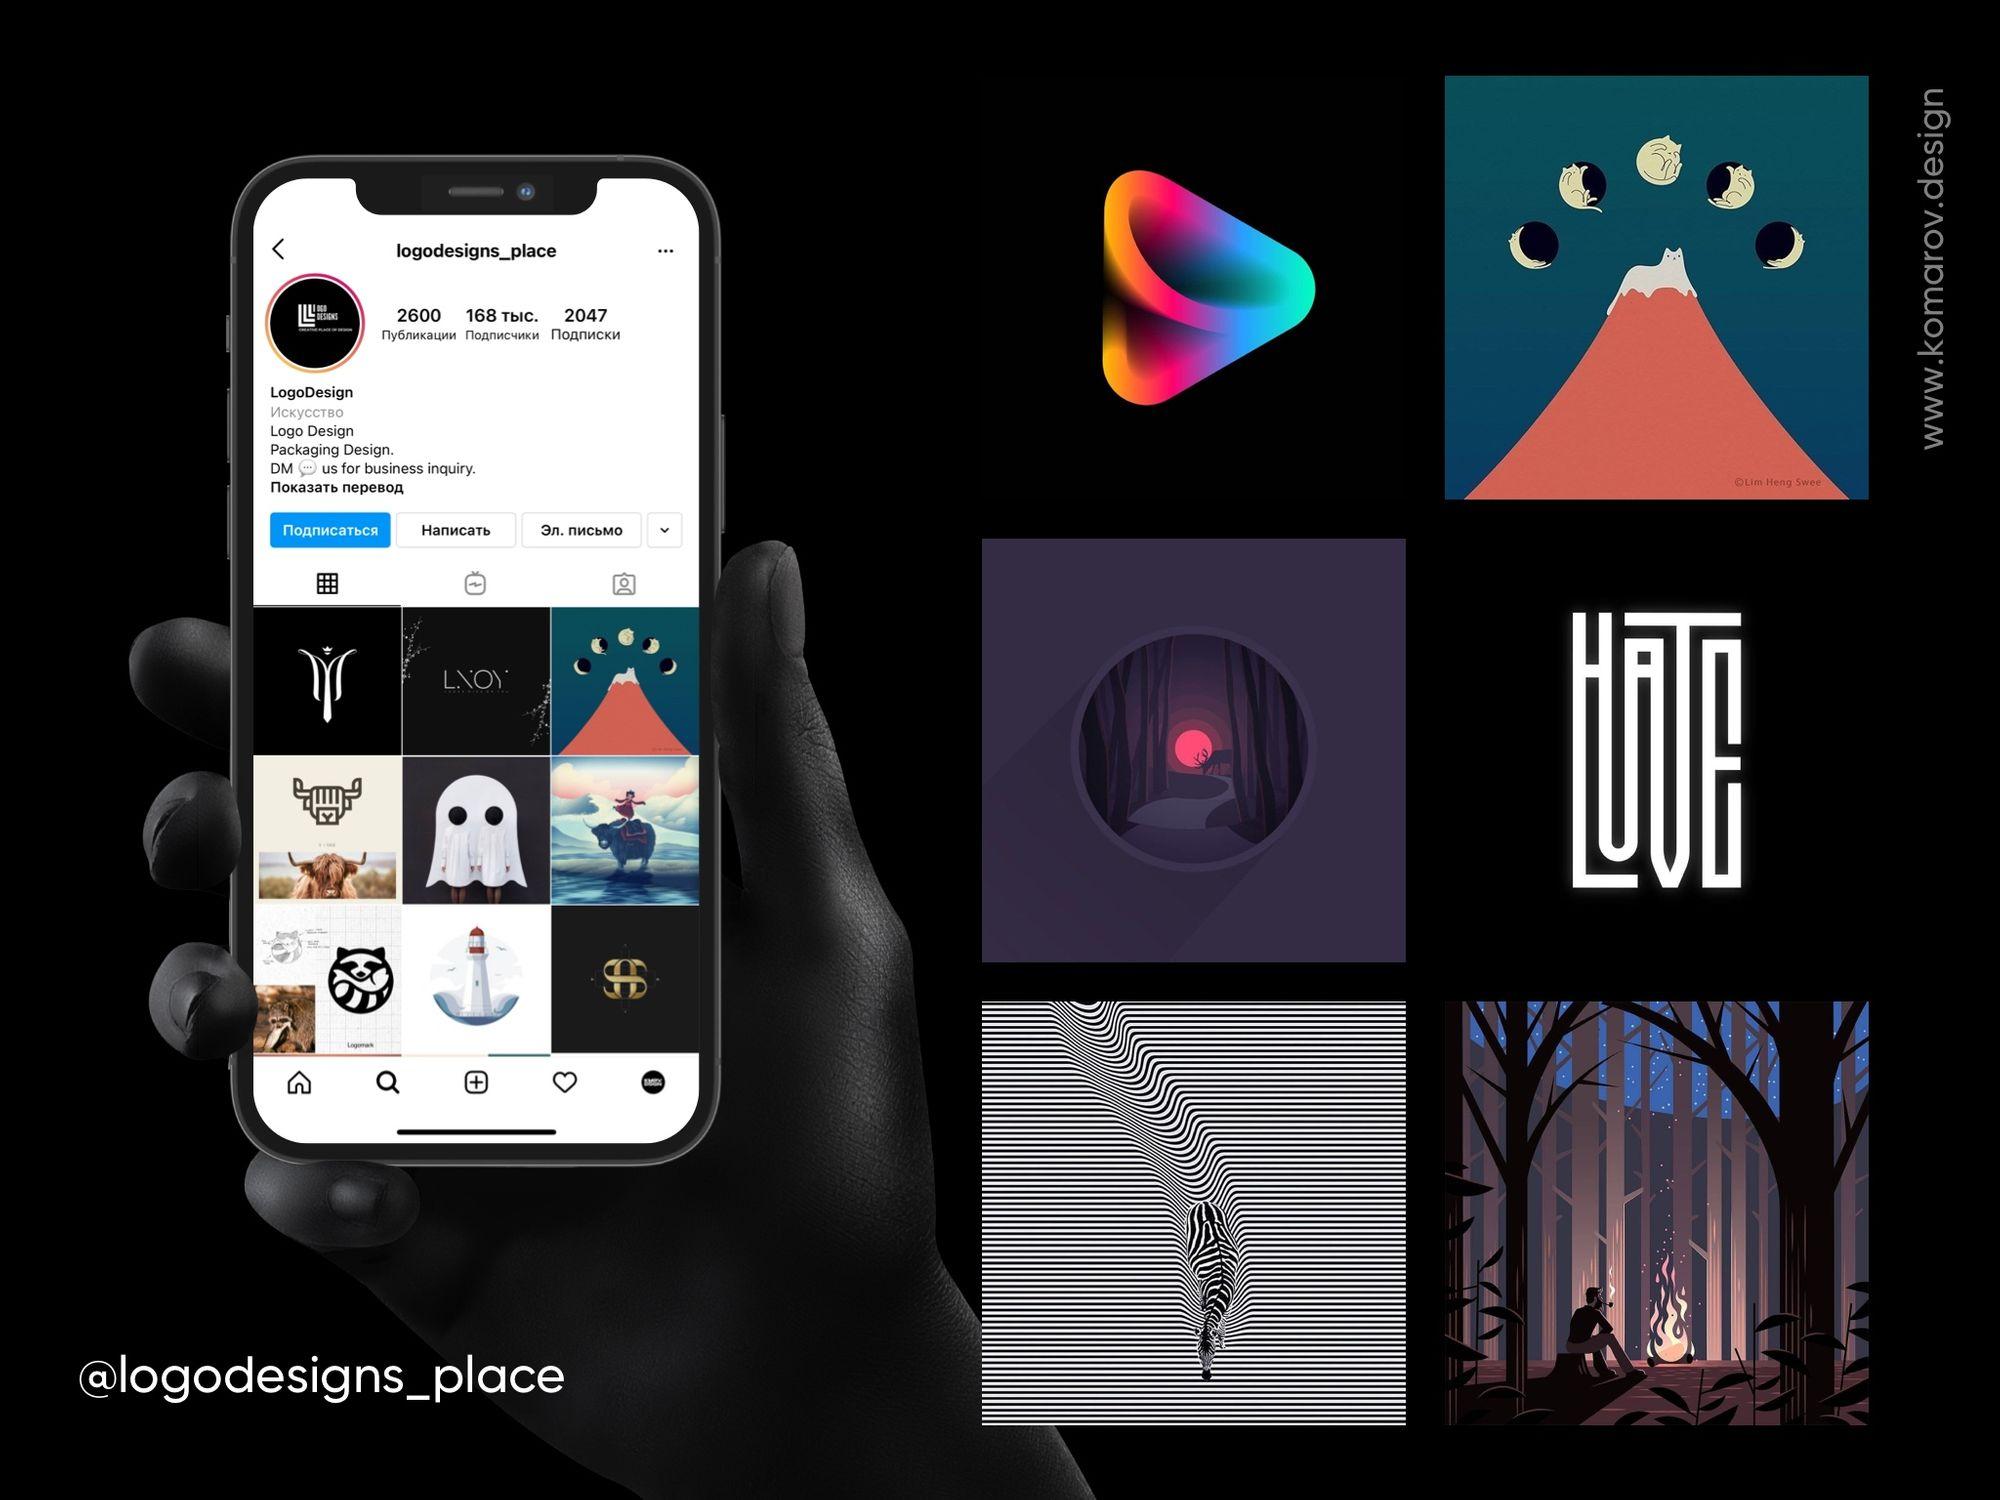 Инстаграм-аккаунт с красивыми логотипами и иллюстрациями